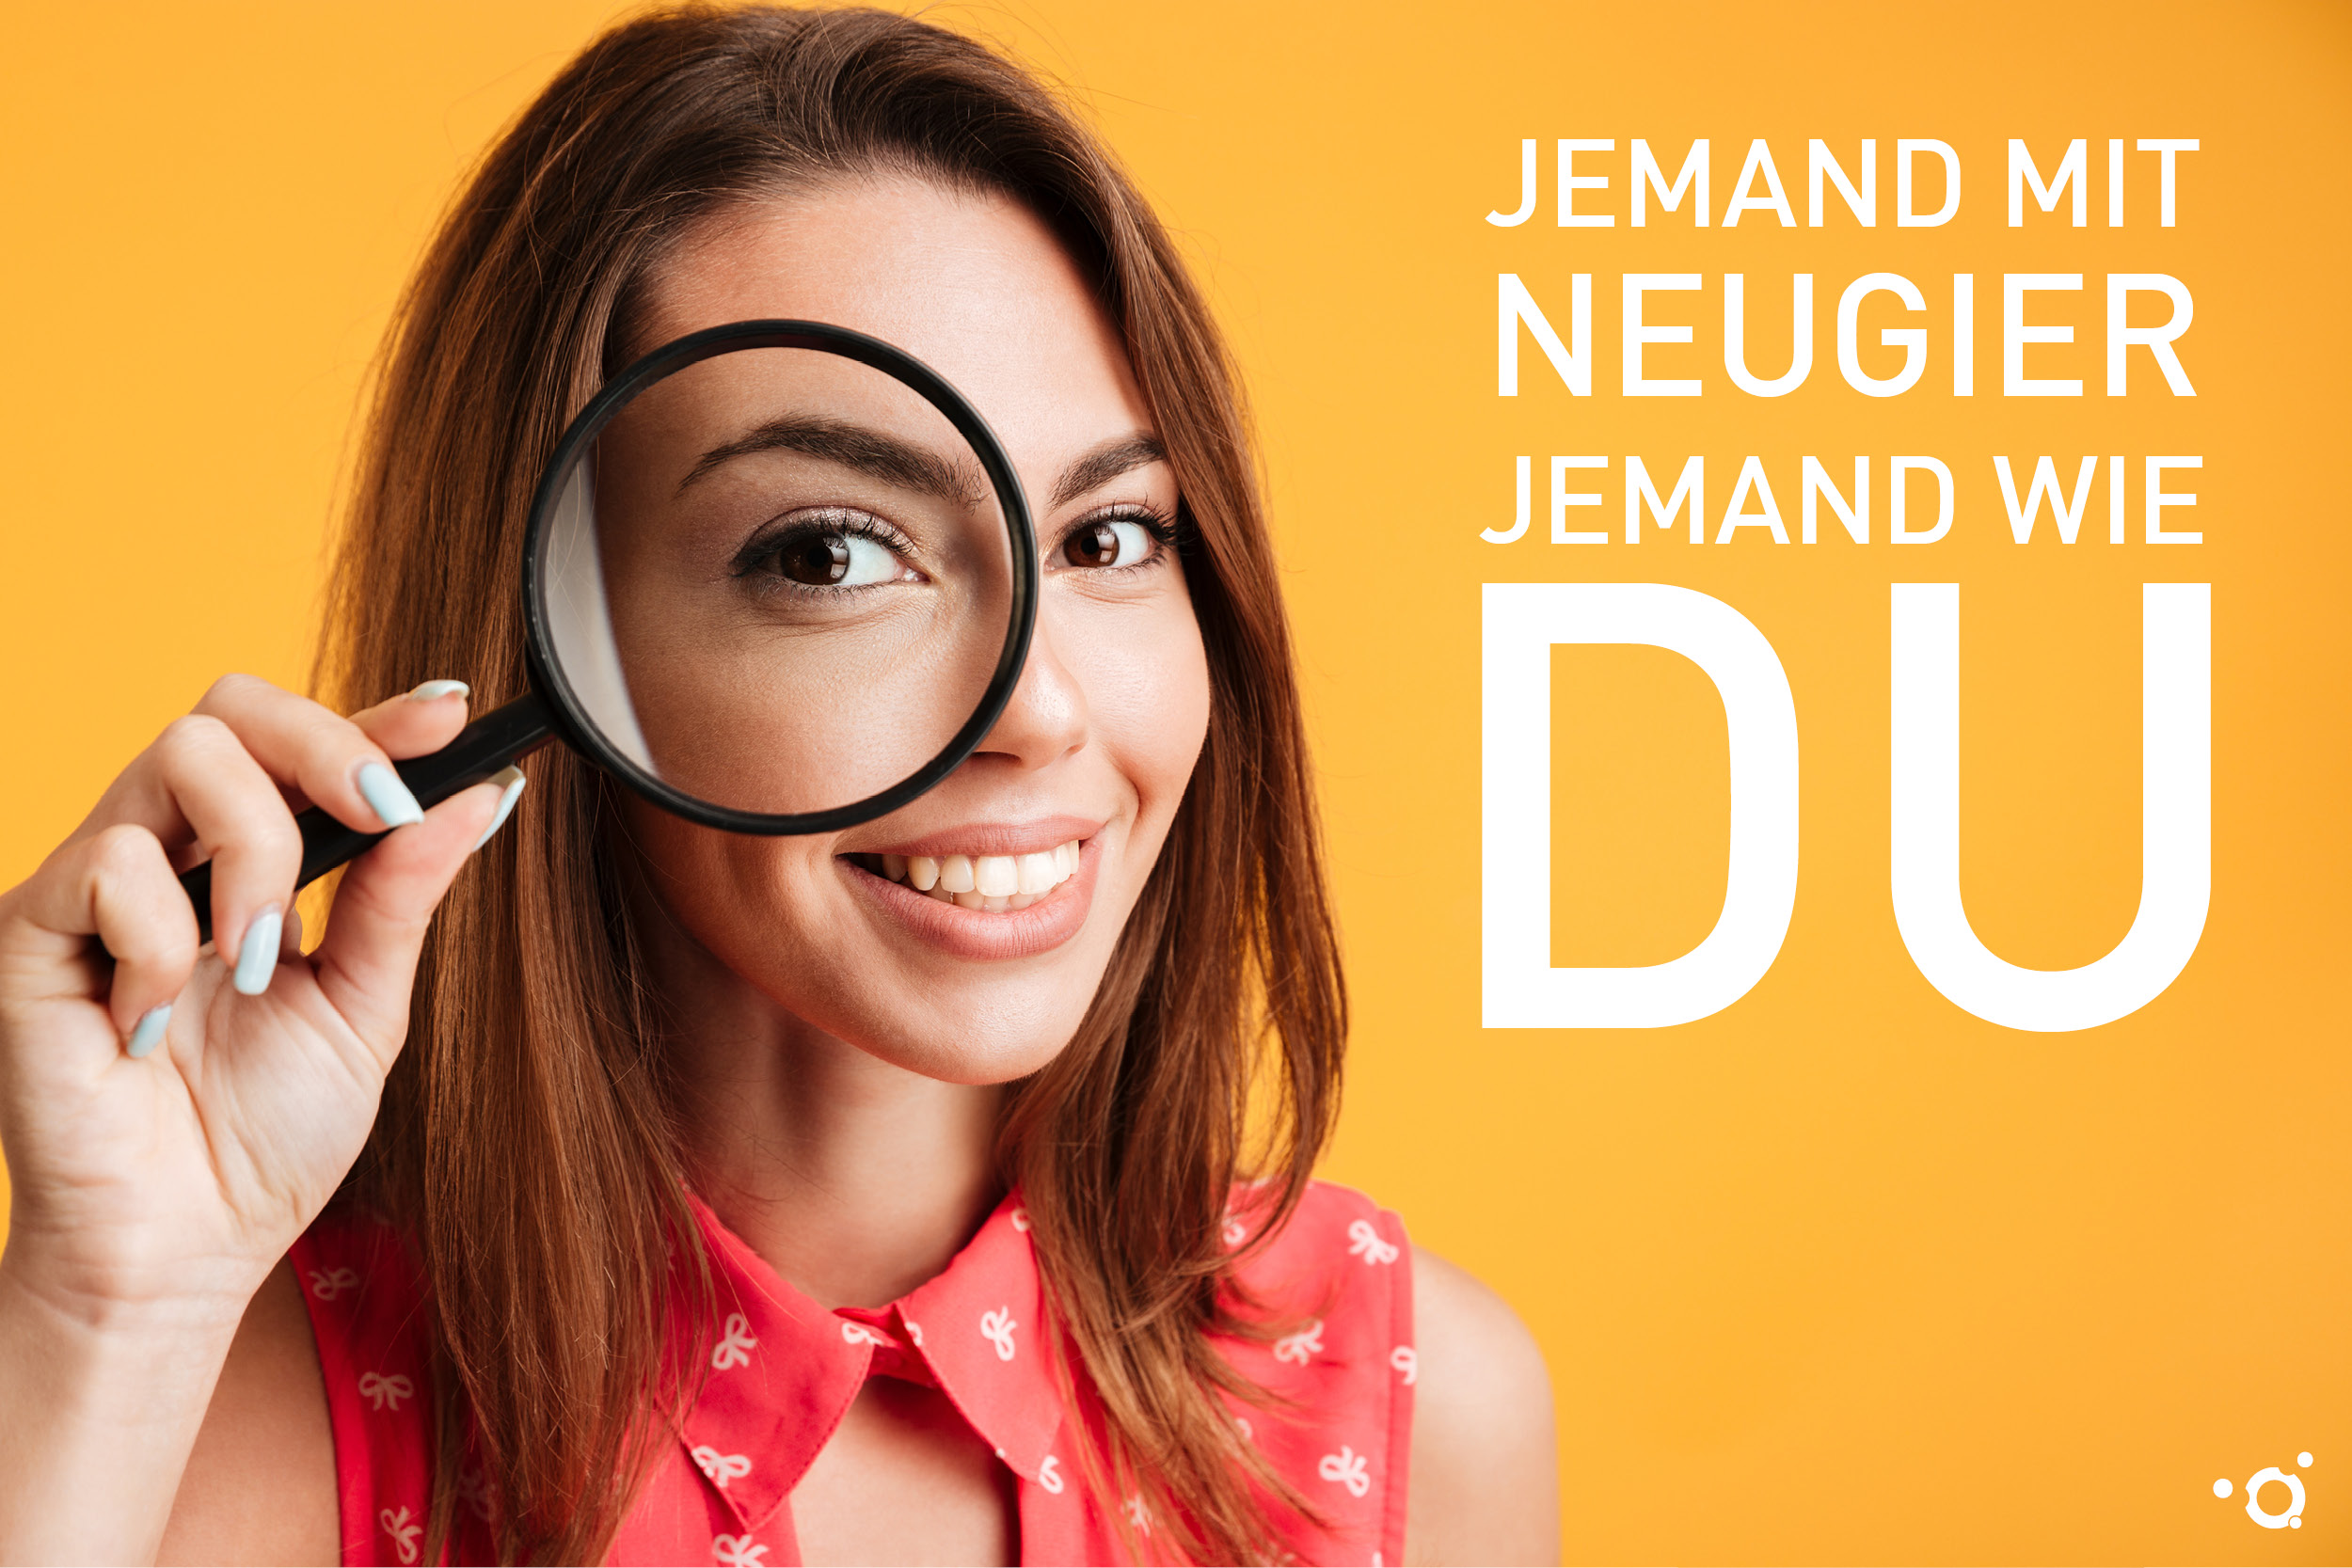 Imagebild der Azubi-Kampagne des Klinikums Ingolstadt: Jemand mit Neugier, jemand wie DU!